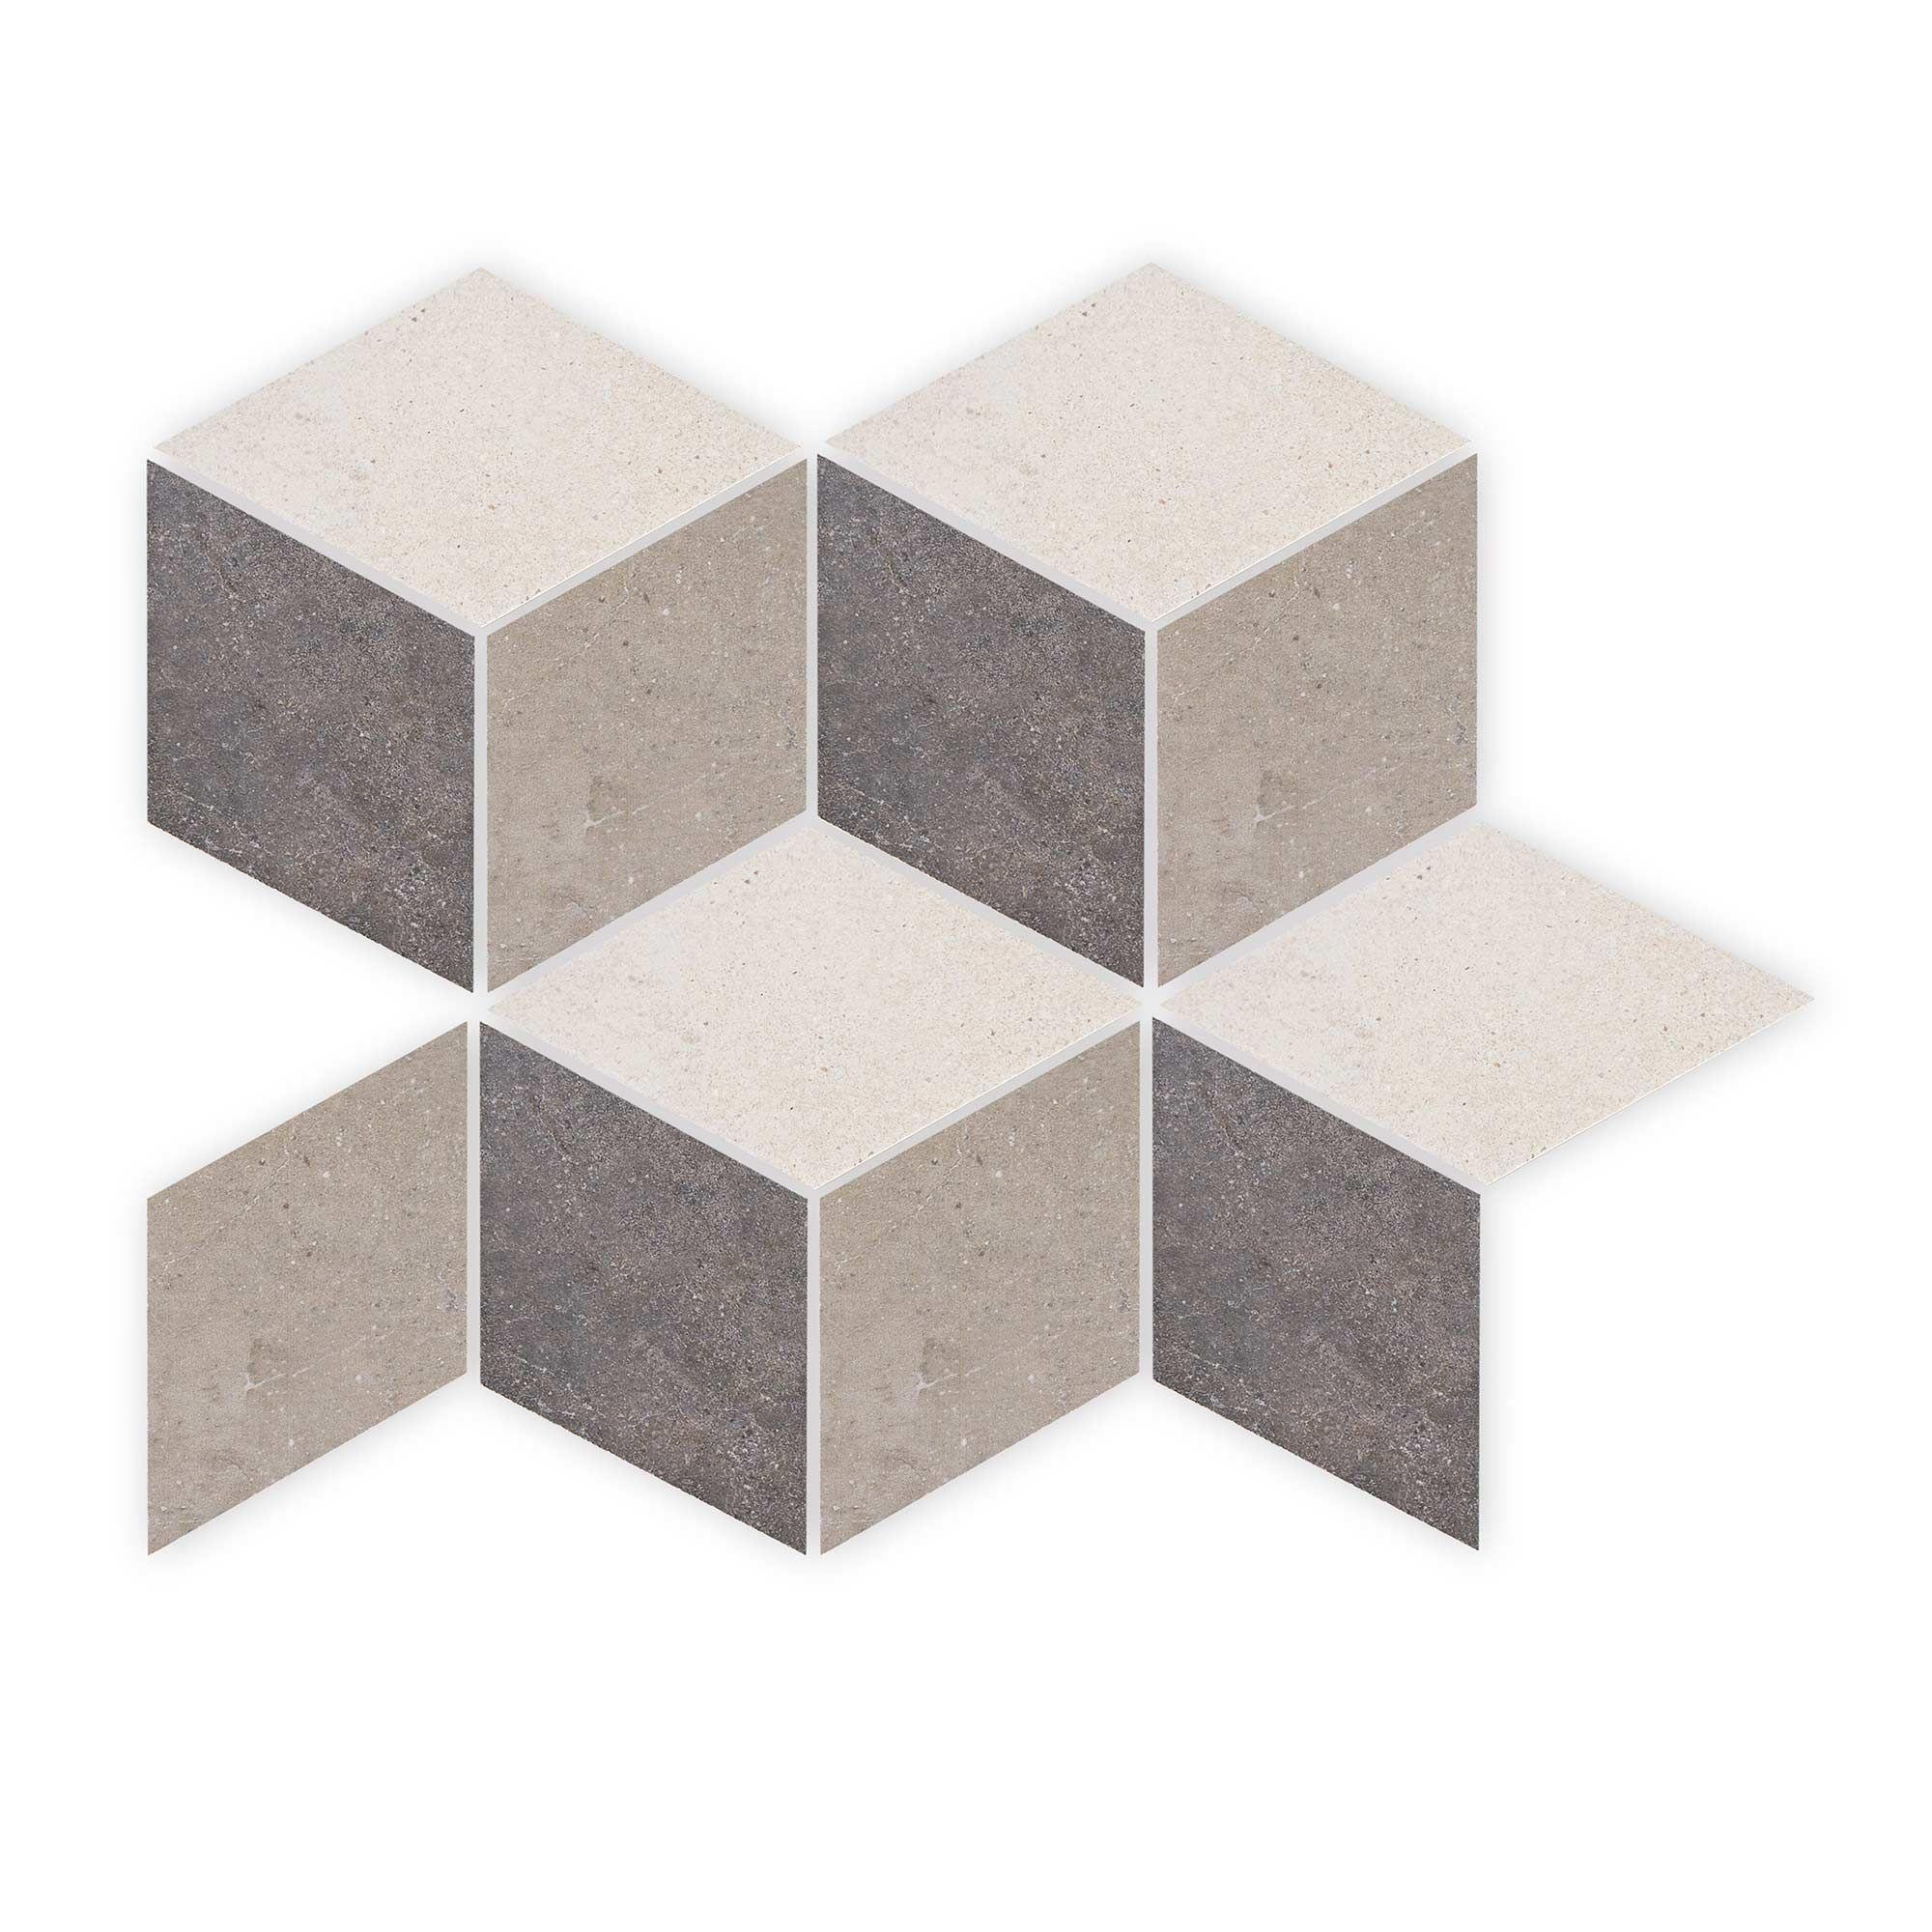 Rhombus 29.5x26 Mosaic